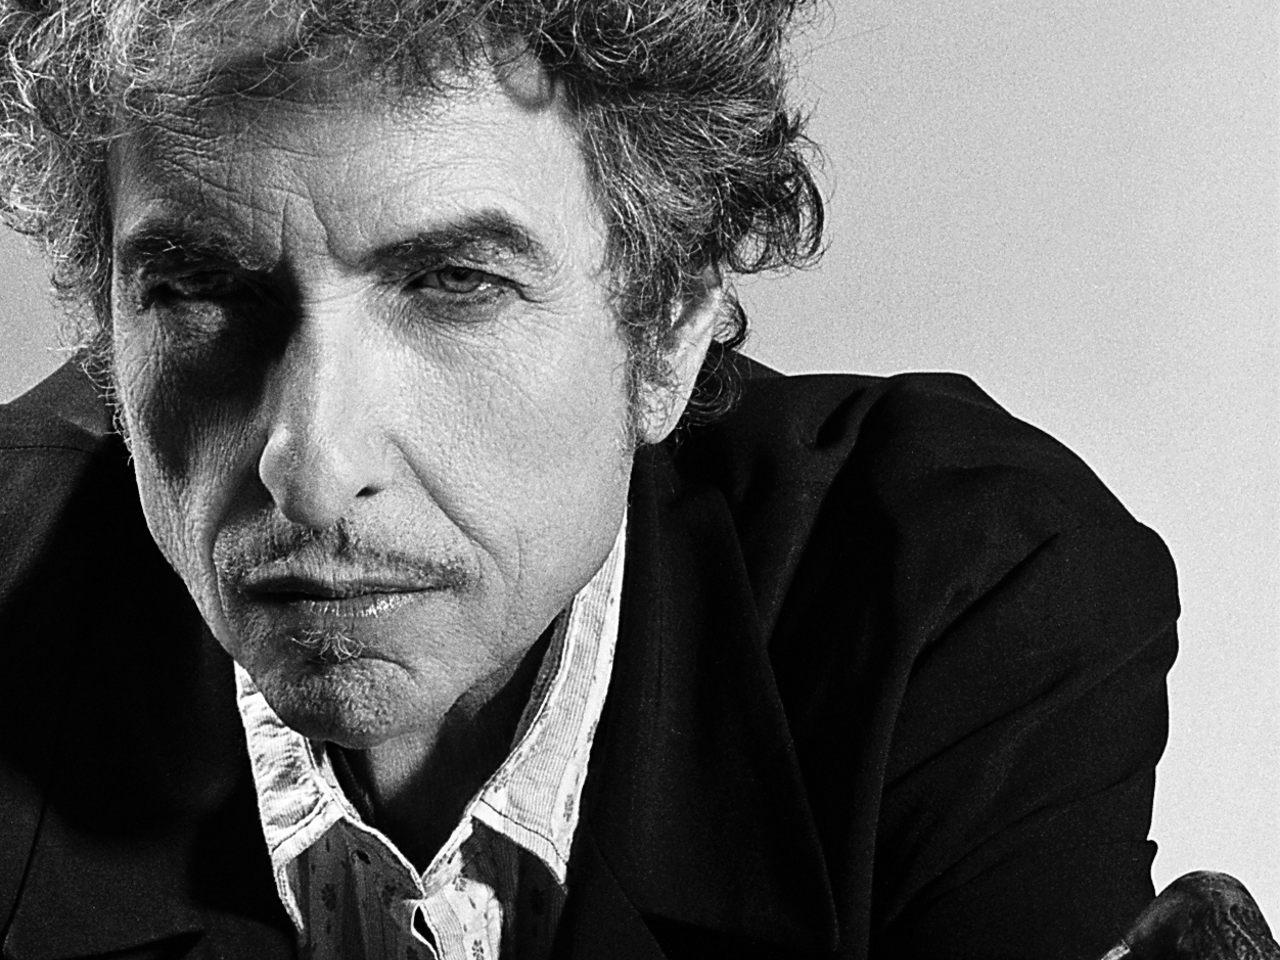 Cincuenta razones por las que nos sigue gustando Bob Dylan (I)